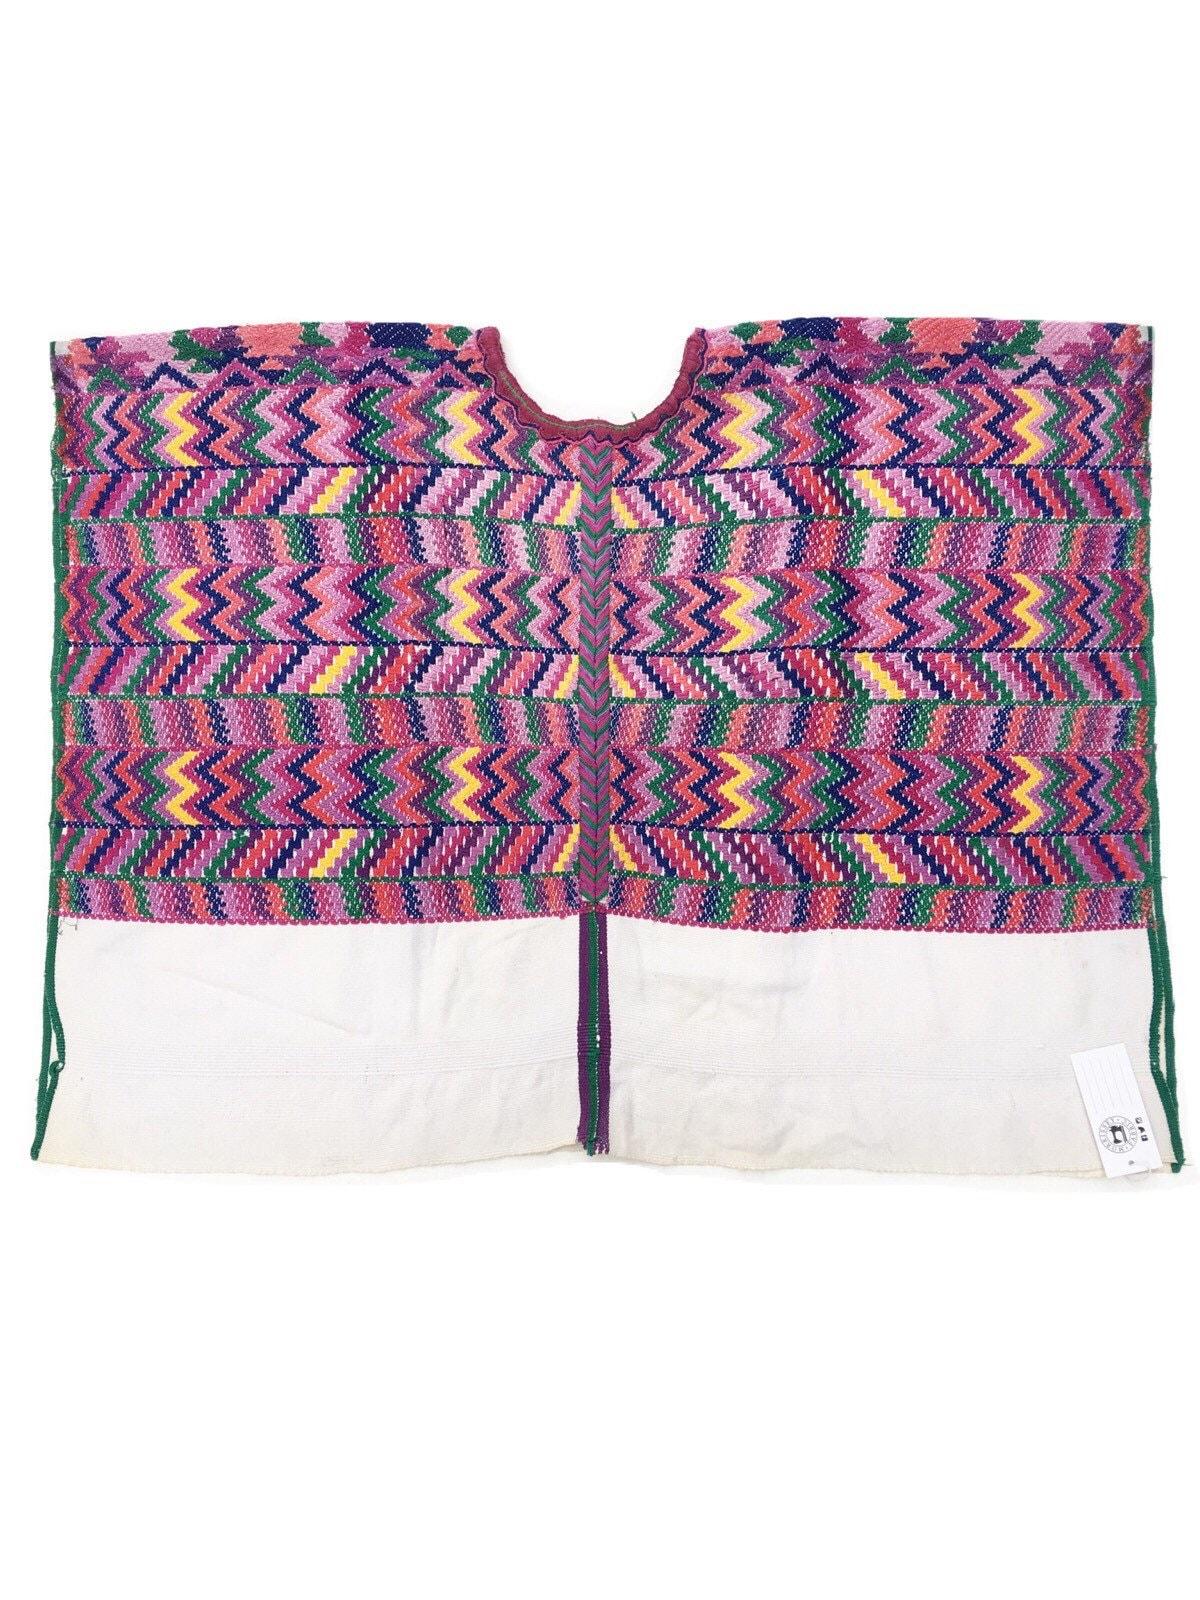 Boho Poncho Bohemian Top Guatemalan Fabric Guatemalan Huipil